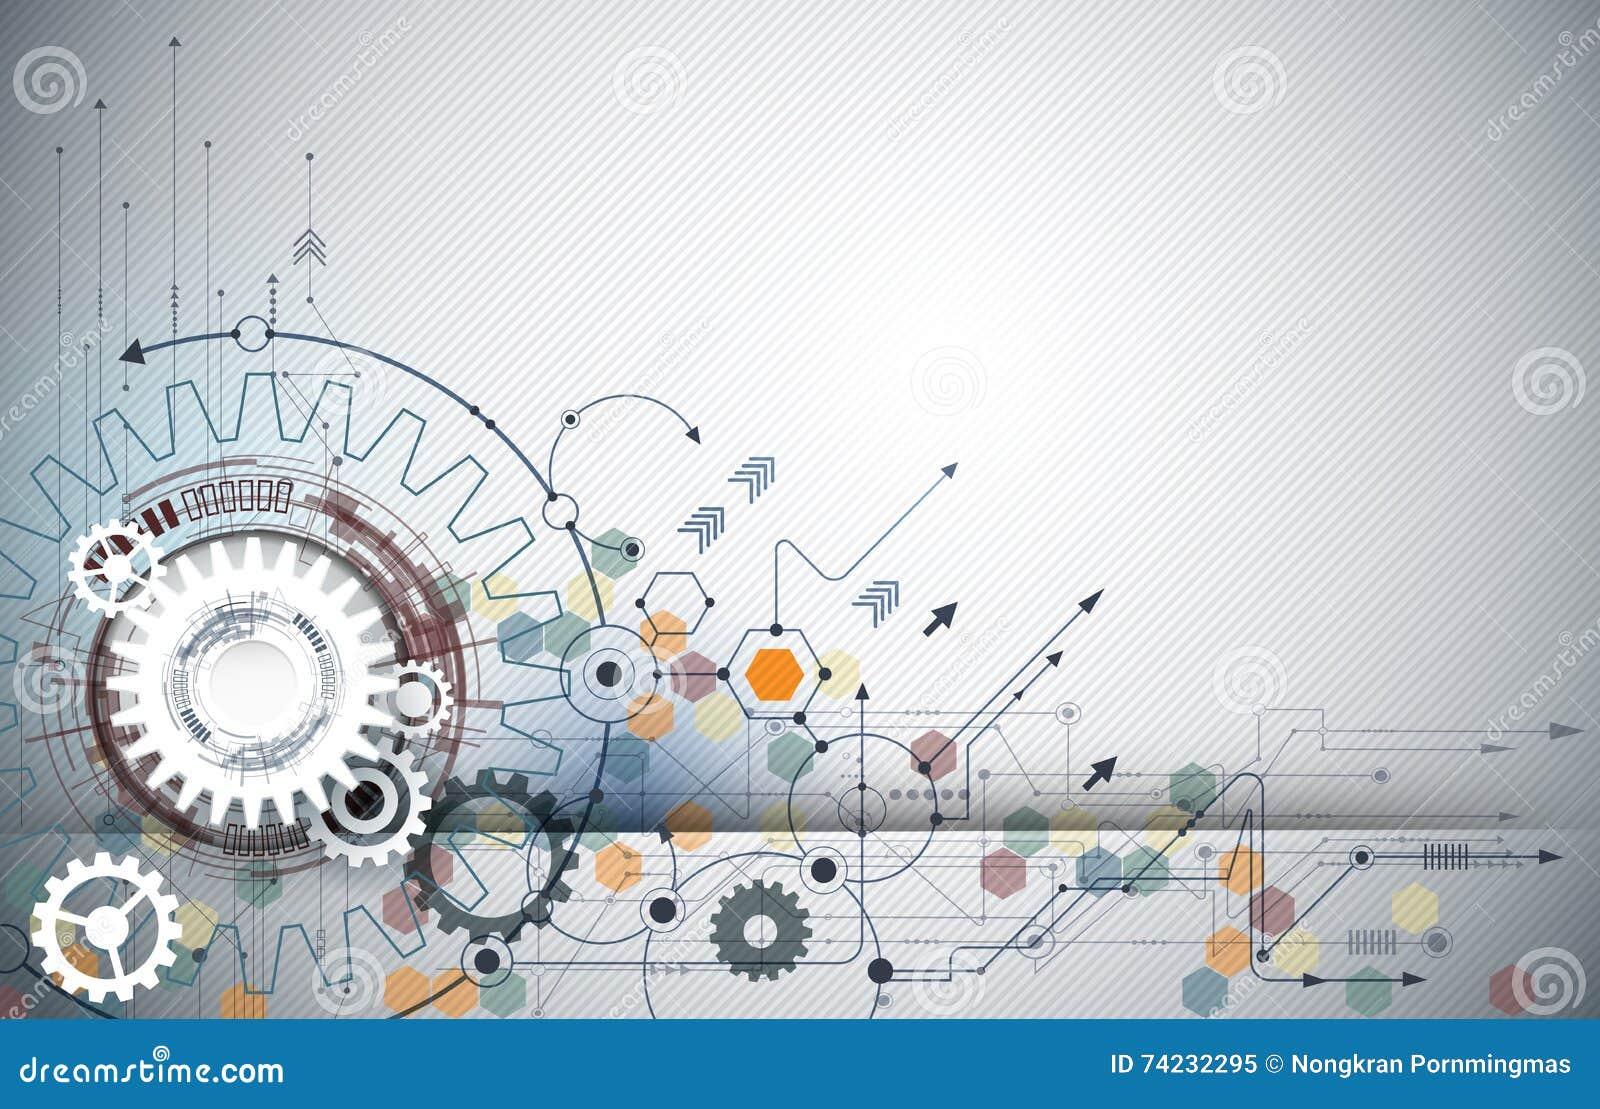 Hjul för vektorillustrationkugghjul, sexhörningar och strömkretsbräde, högteknologisk digital teknologi och teknik